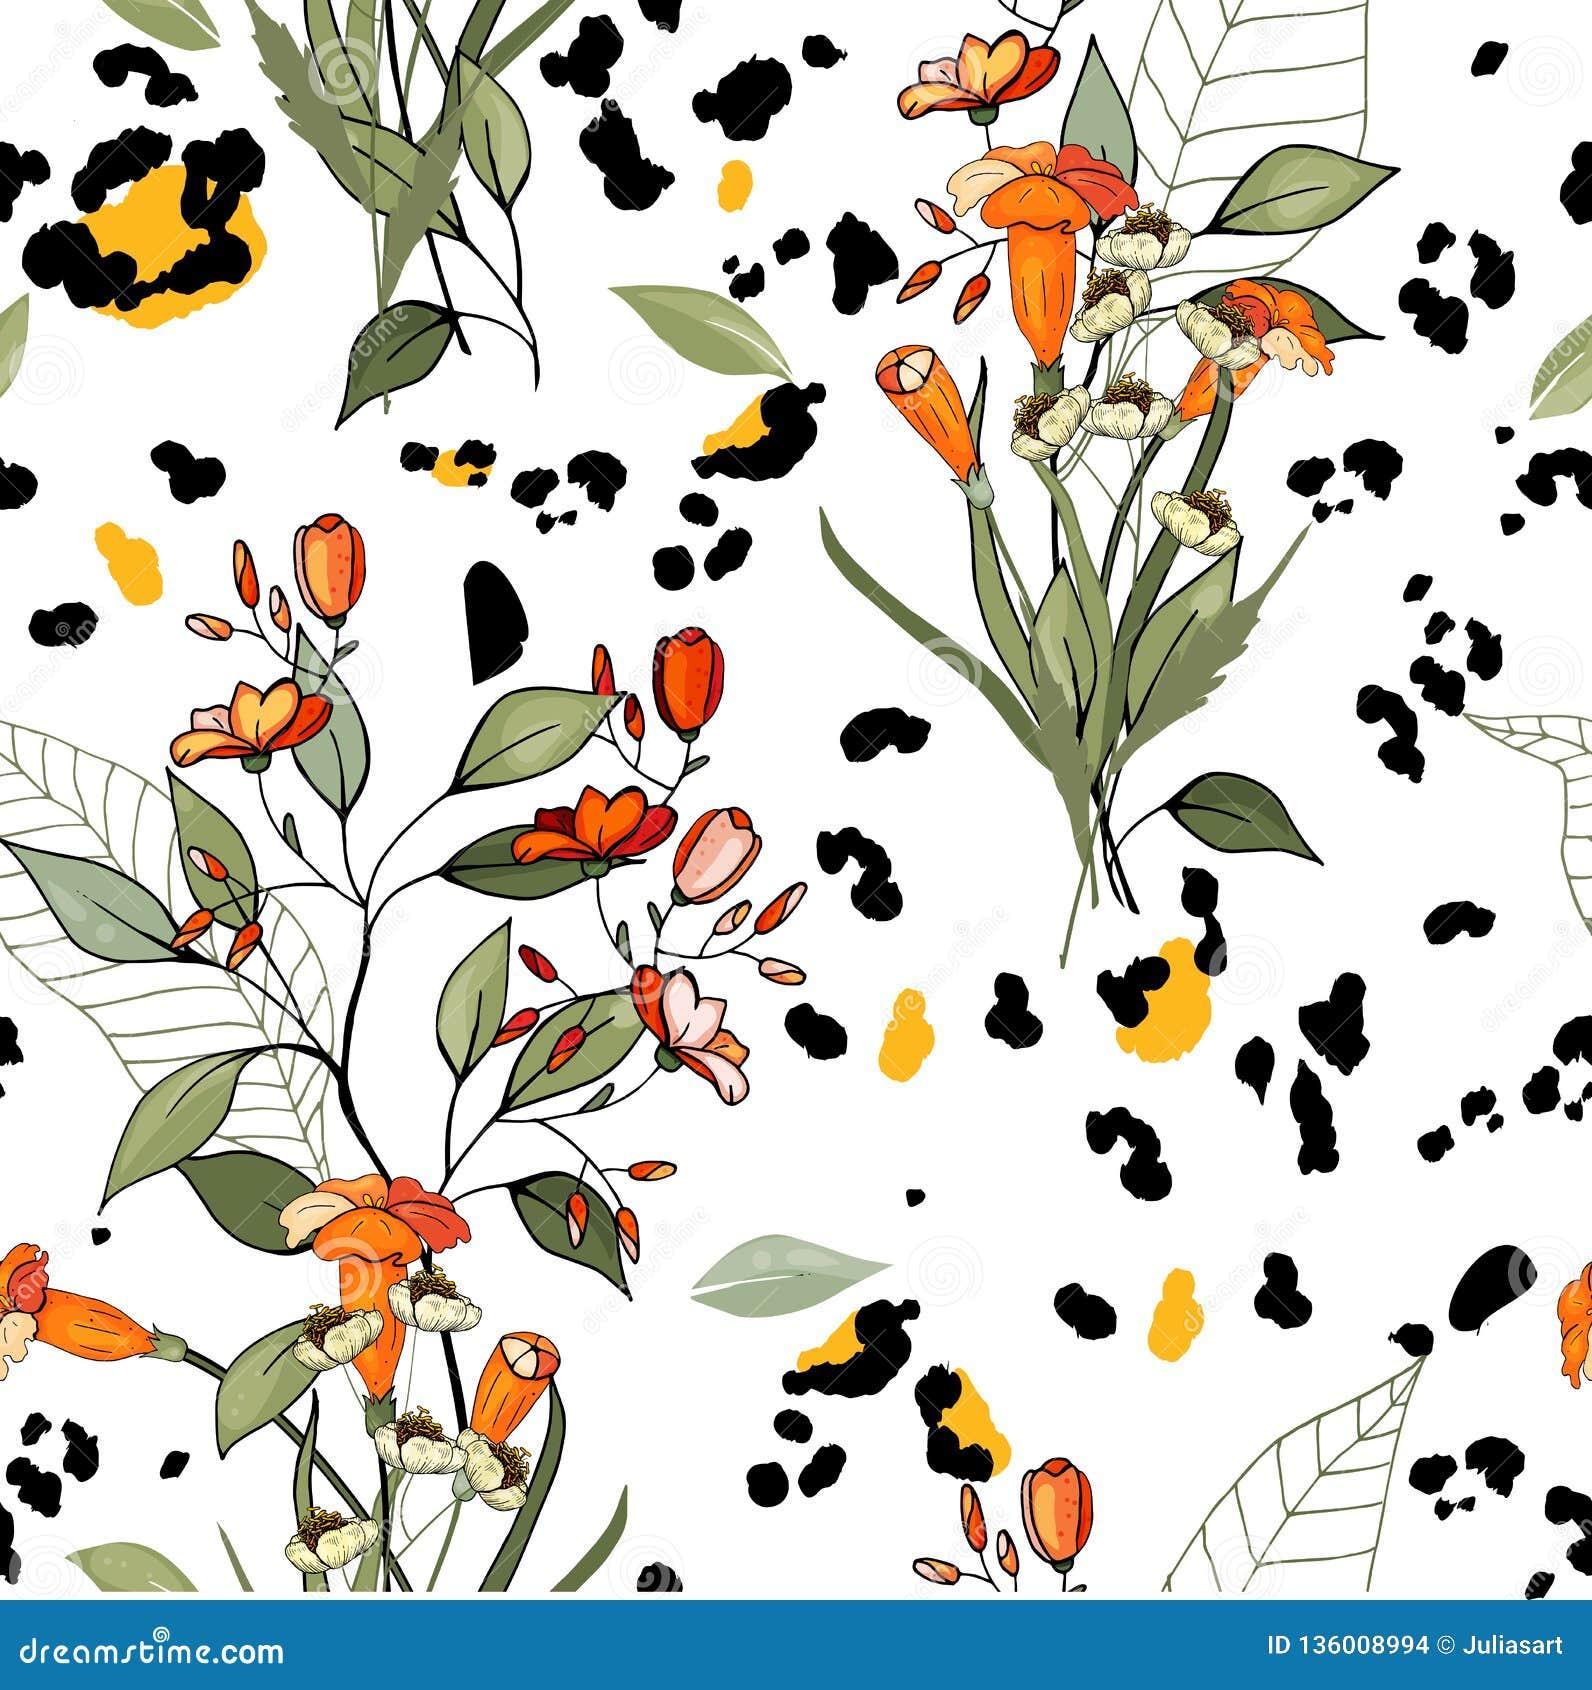 Σχέδιο της Αφρικής σαφάρι της λεοπάρδαλης και της τίγρης, του φιδιού και του με ραβδώσεις διάνυσμα Σύγχρονες ζωικές τυπωμένες ύλε